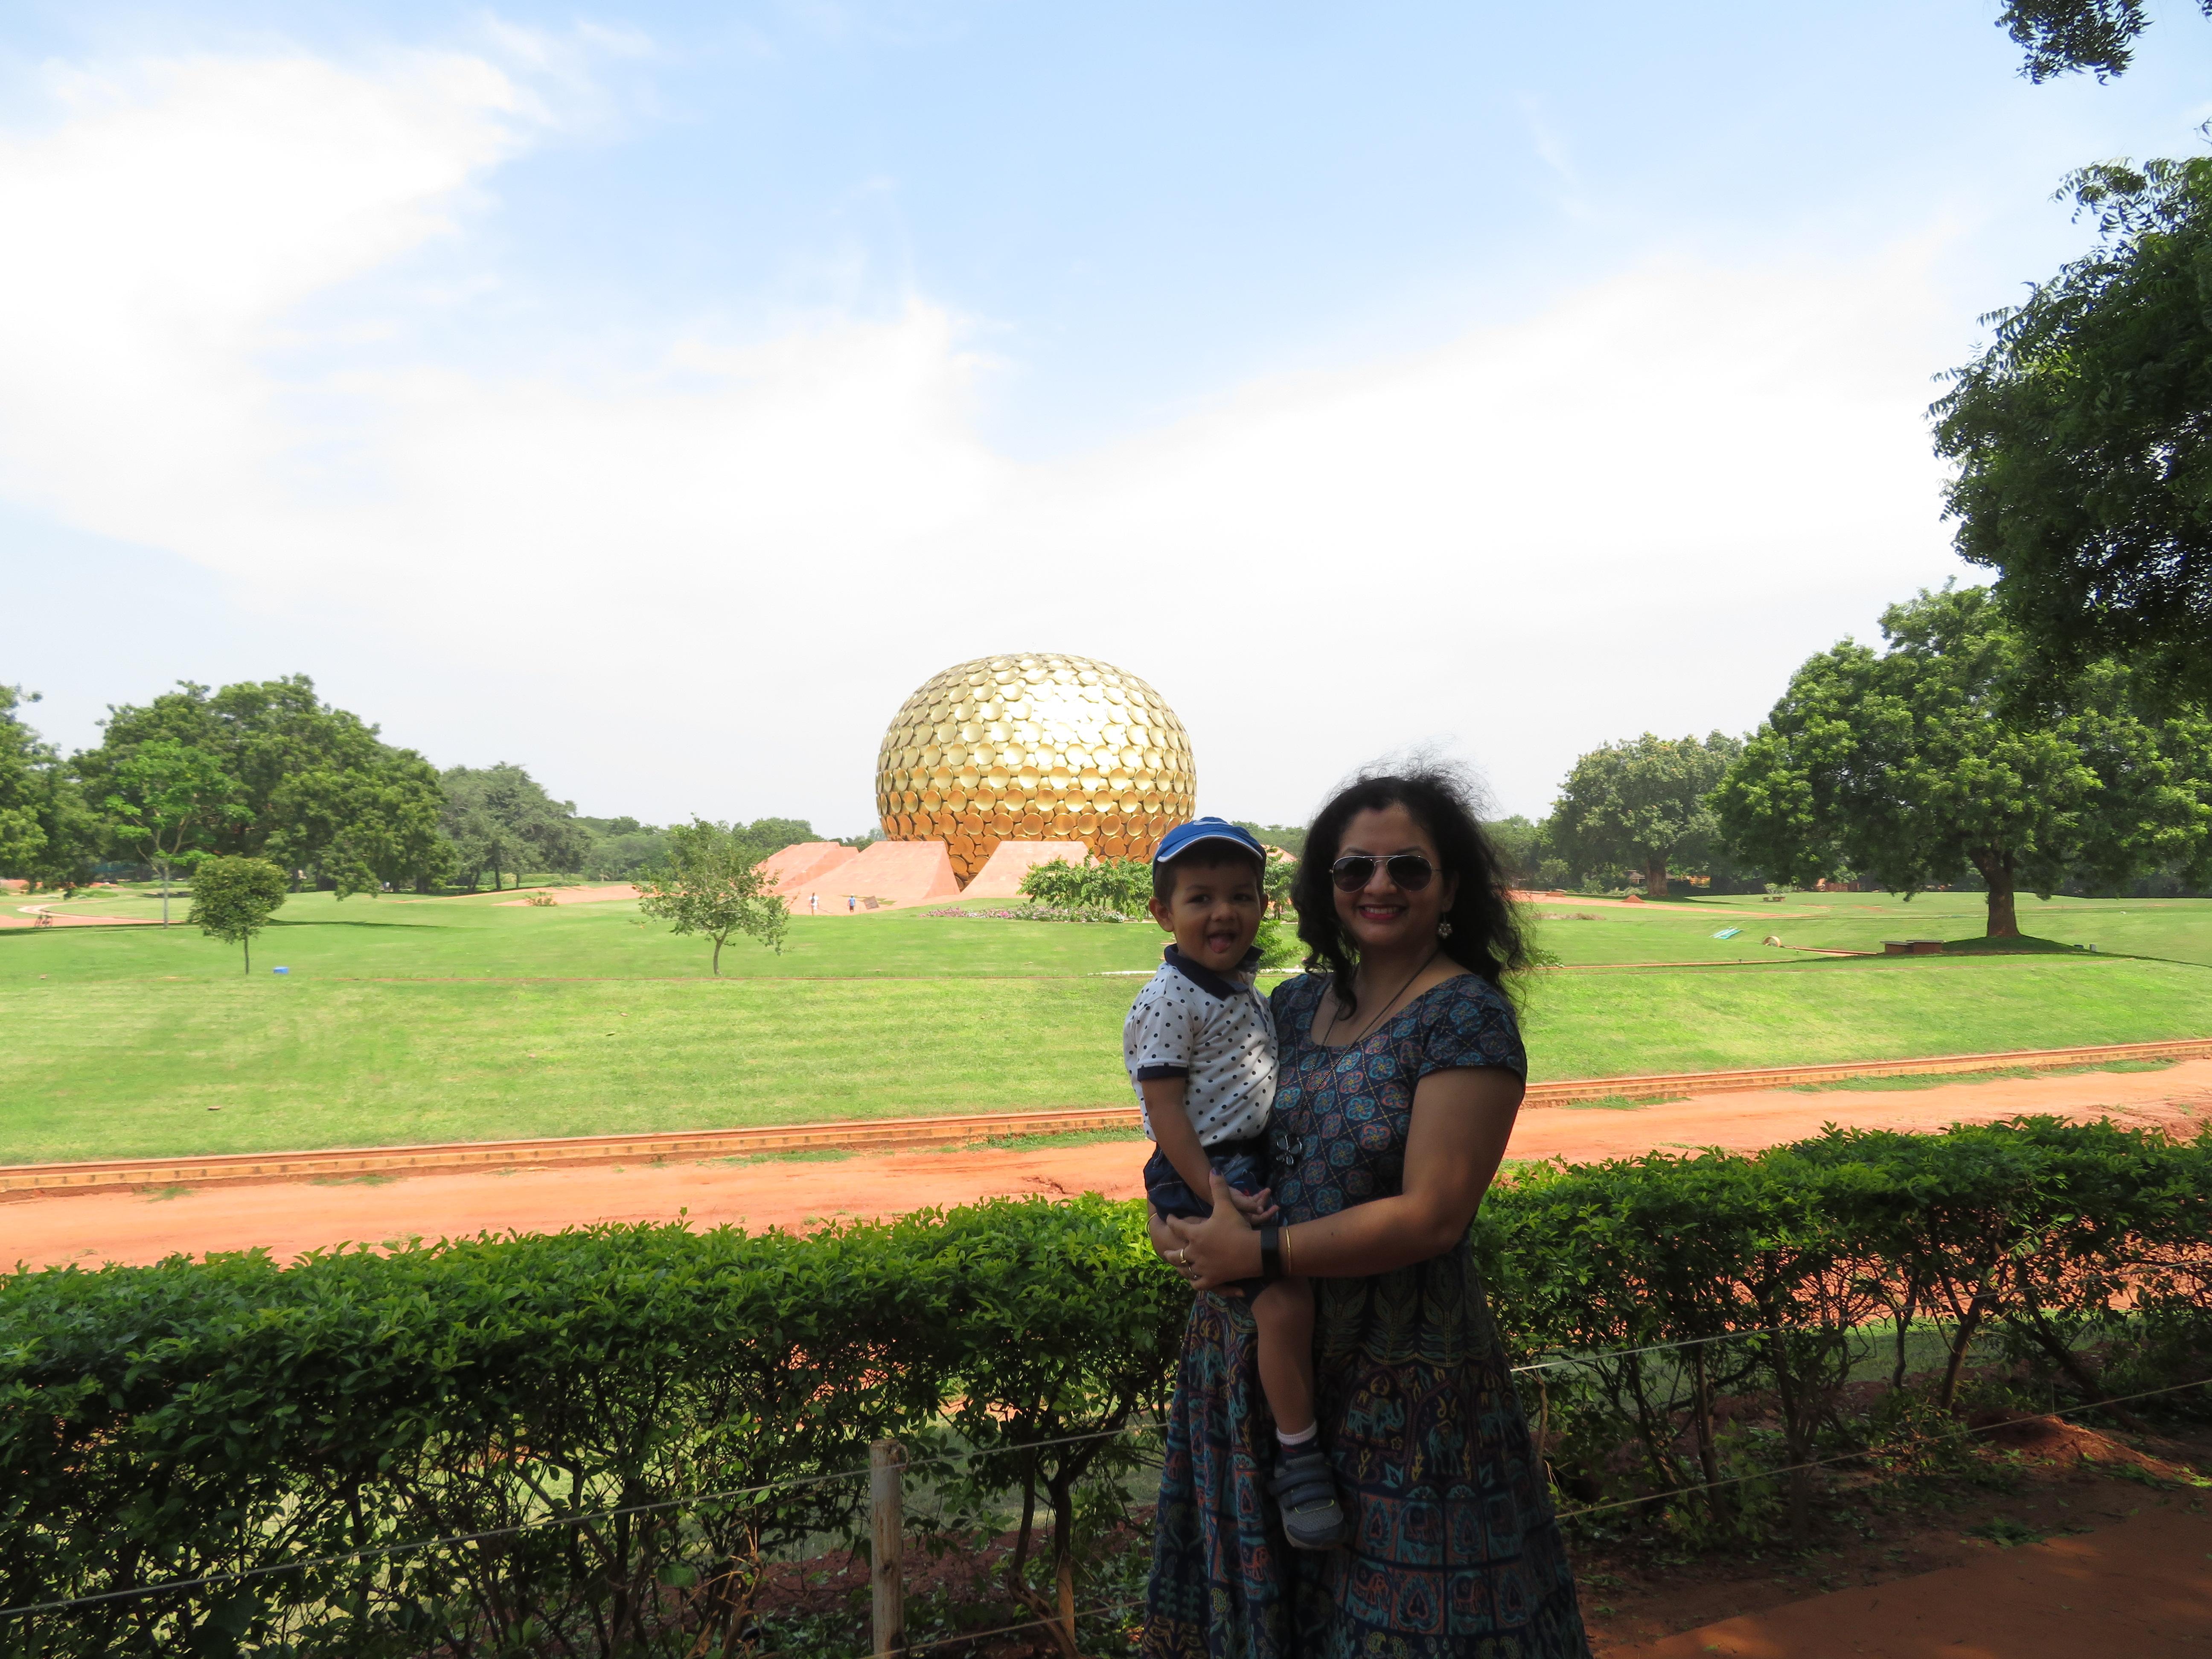 3 Days in Puducherry: My 1st Trip with my son